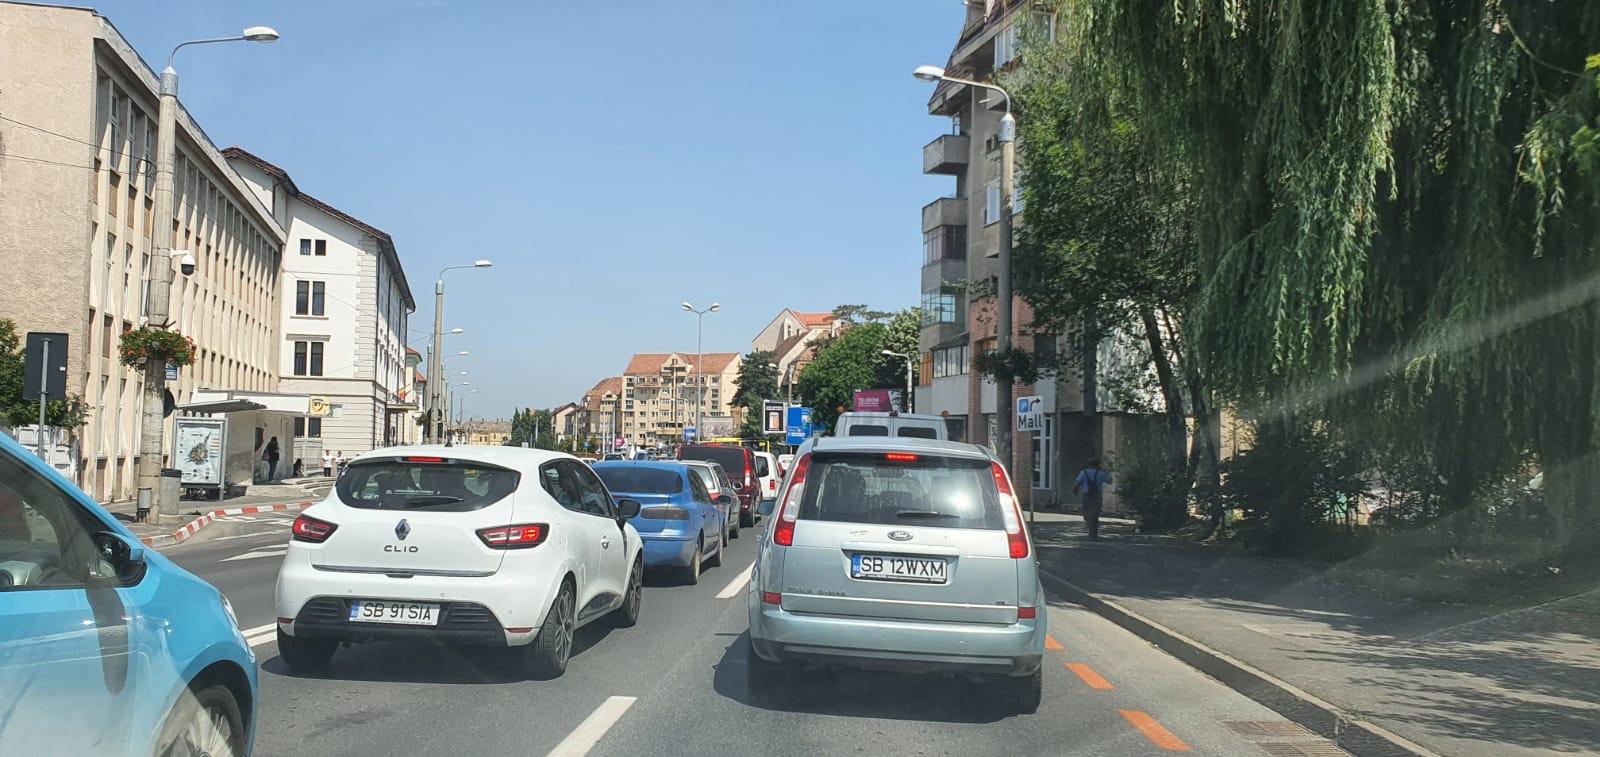 Trafic îngreunat pe strada Constituției din cauza lucrărilor. Primăria: Avizul este până în 30 iunie